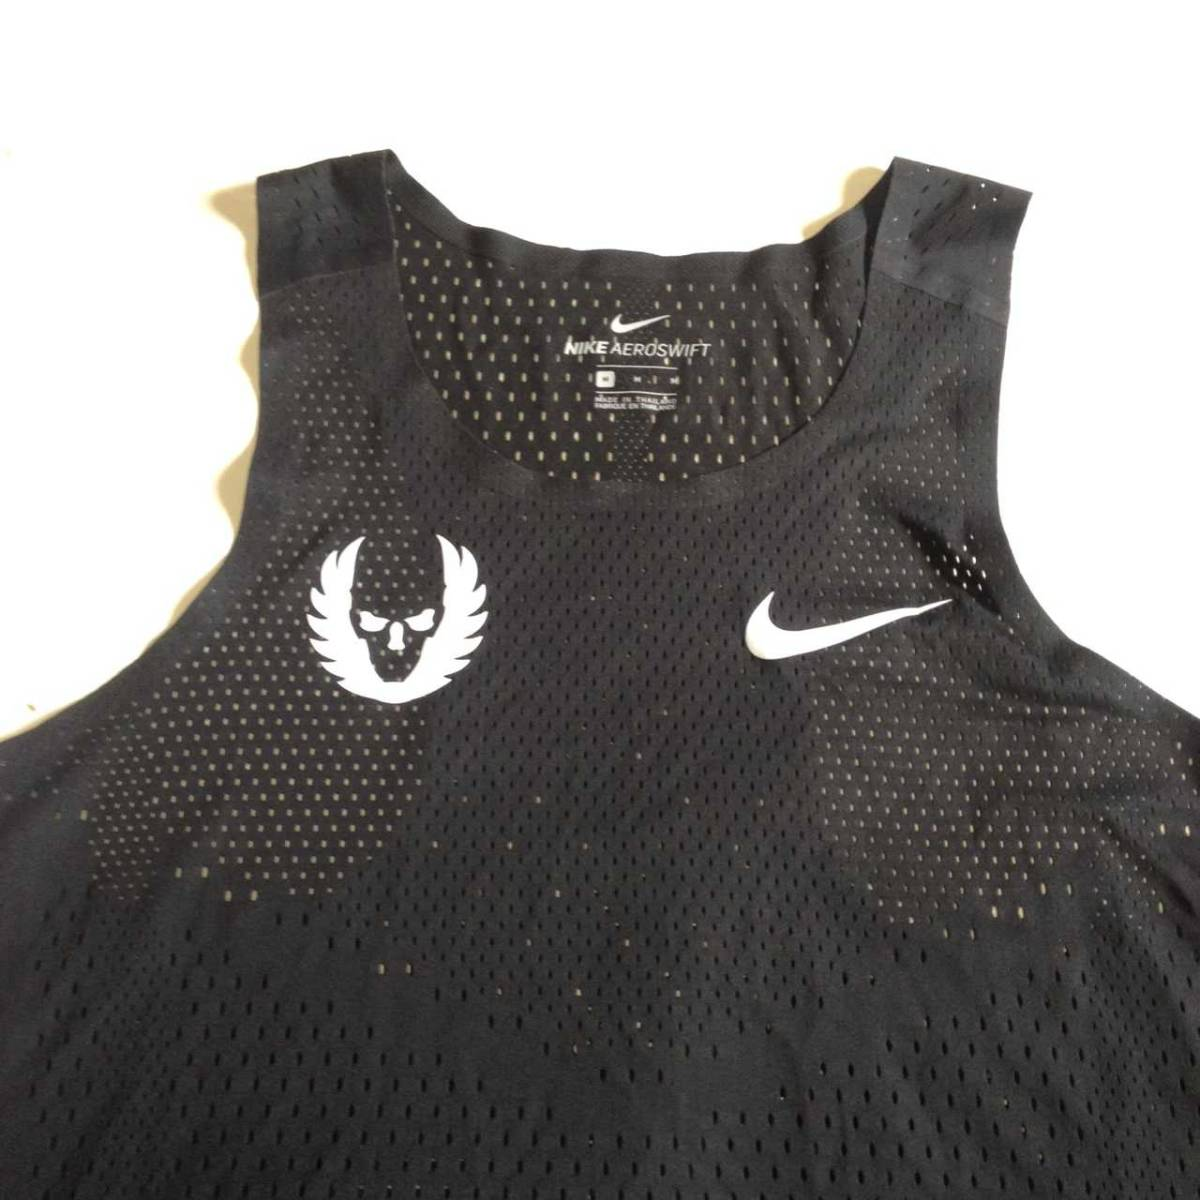 【Mサイズ】Nike オレゴンプロジェクト Aeroswift Running Singlet【Oregon Project】